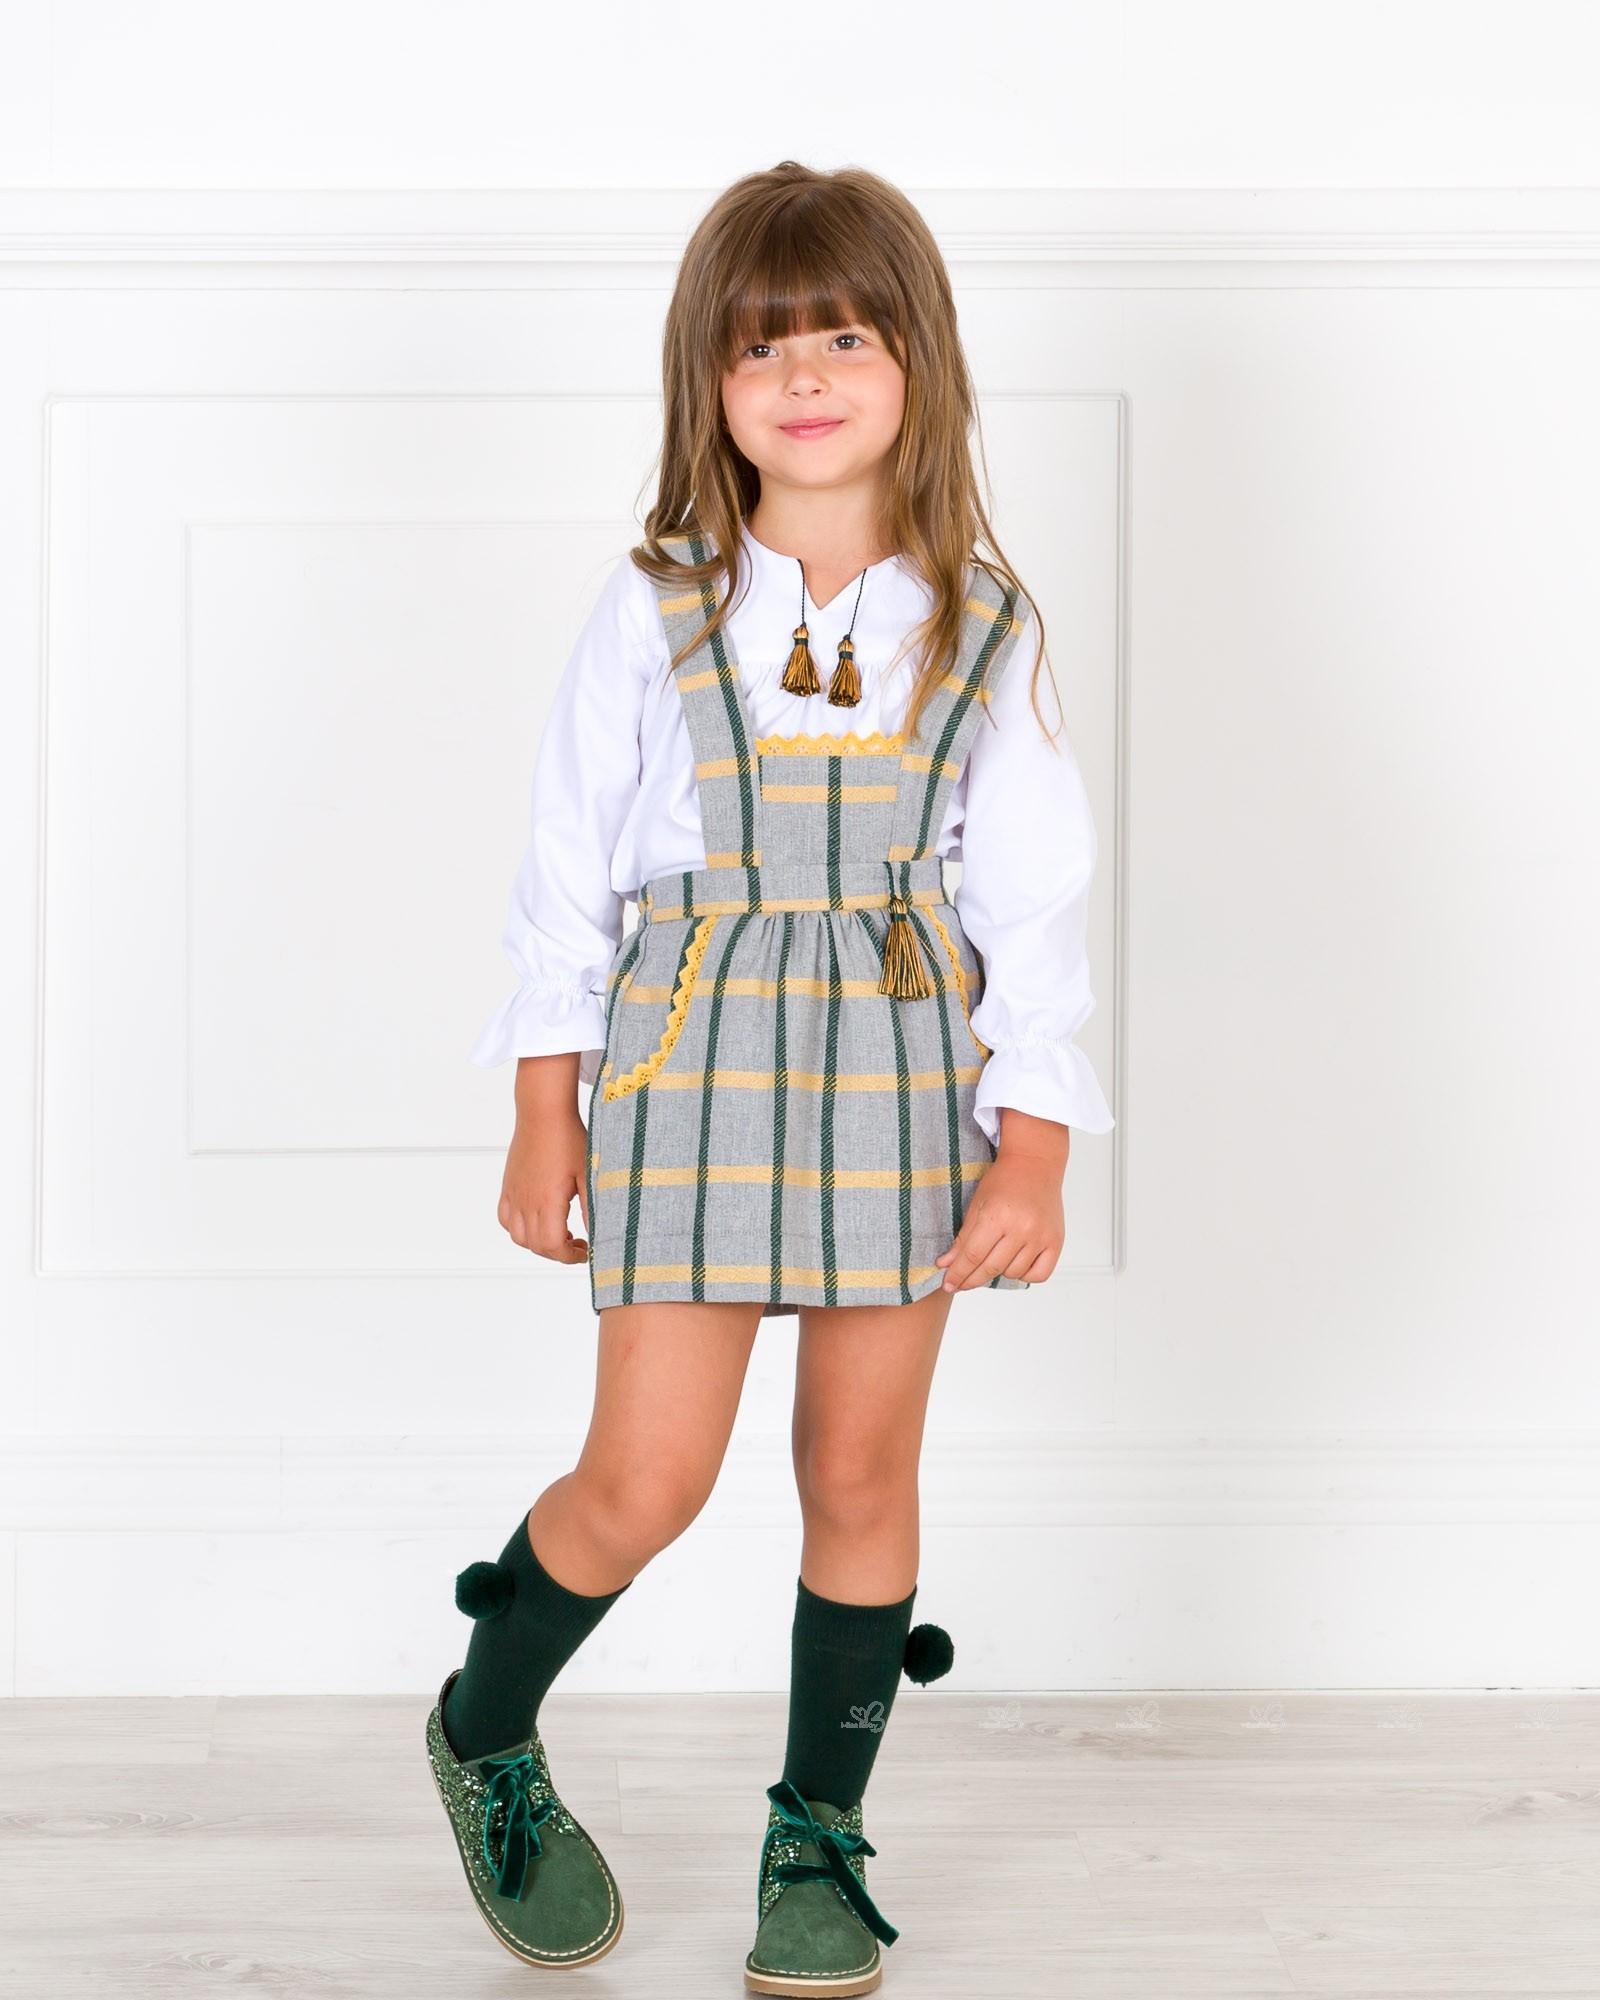 98a5a99af Cocote Conjunto Niña Blusa Blanca & Falda Peto Cuadros Gris | Missbaby